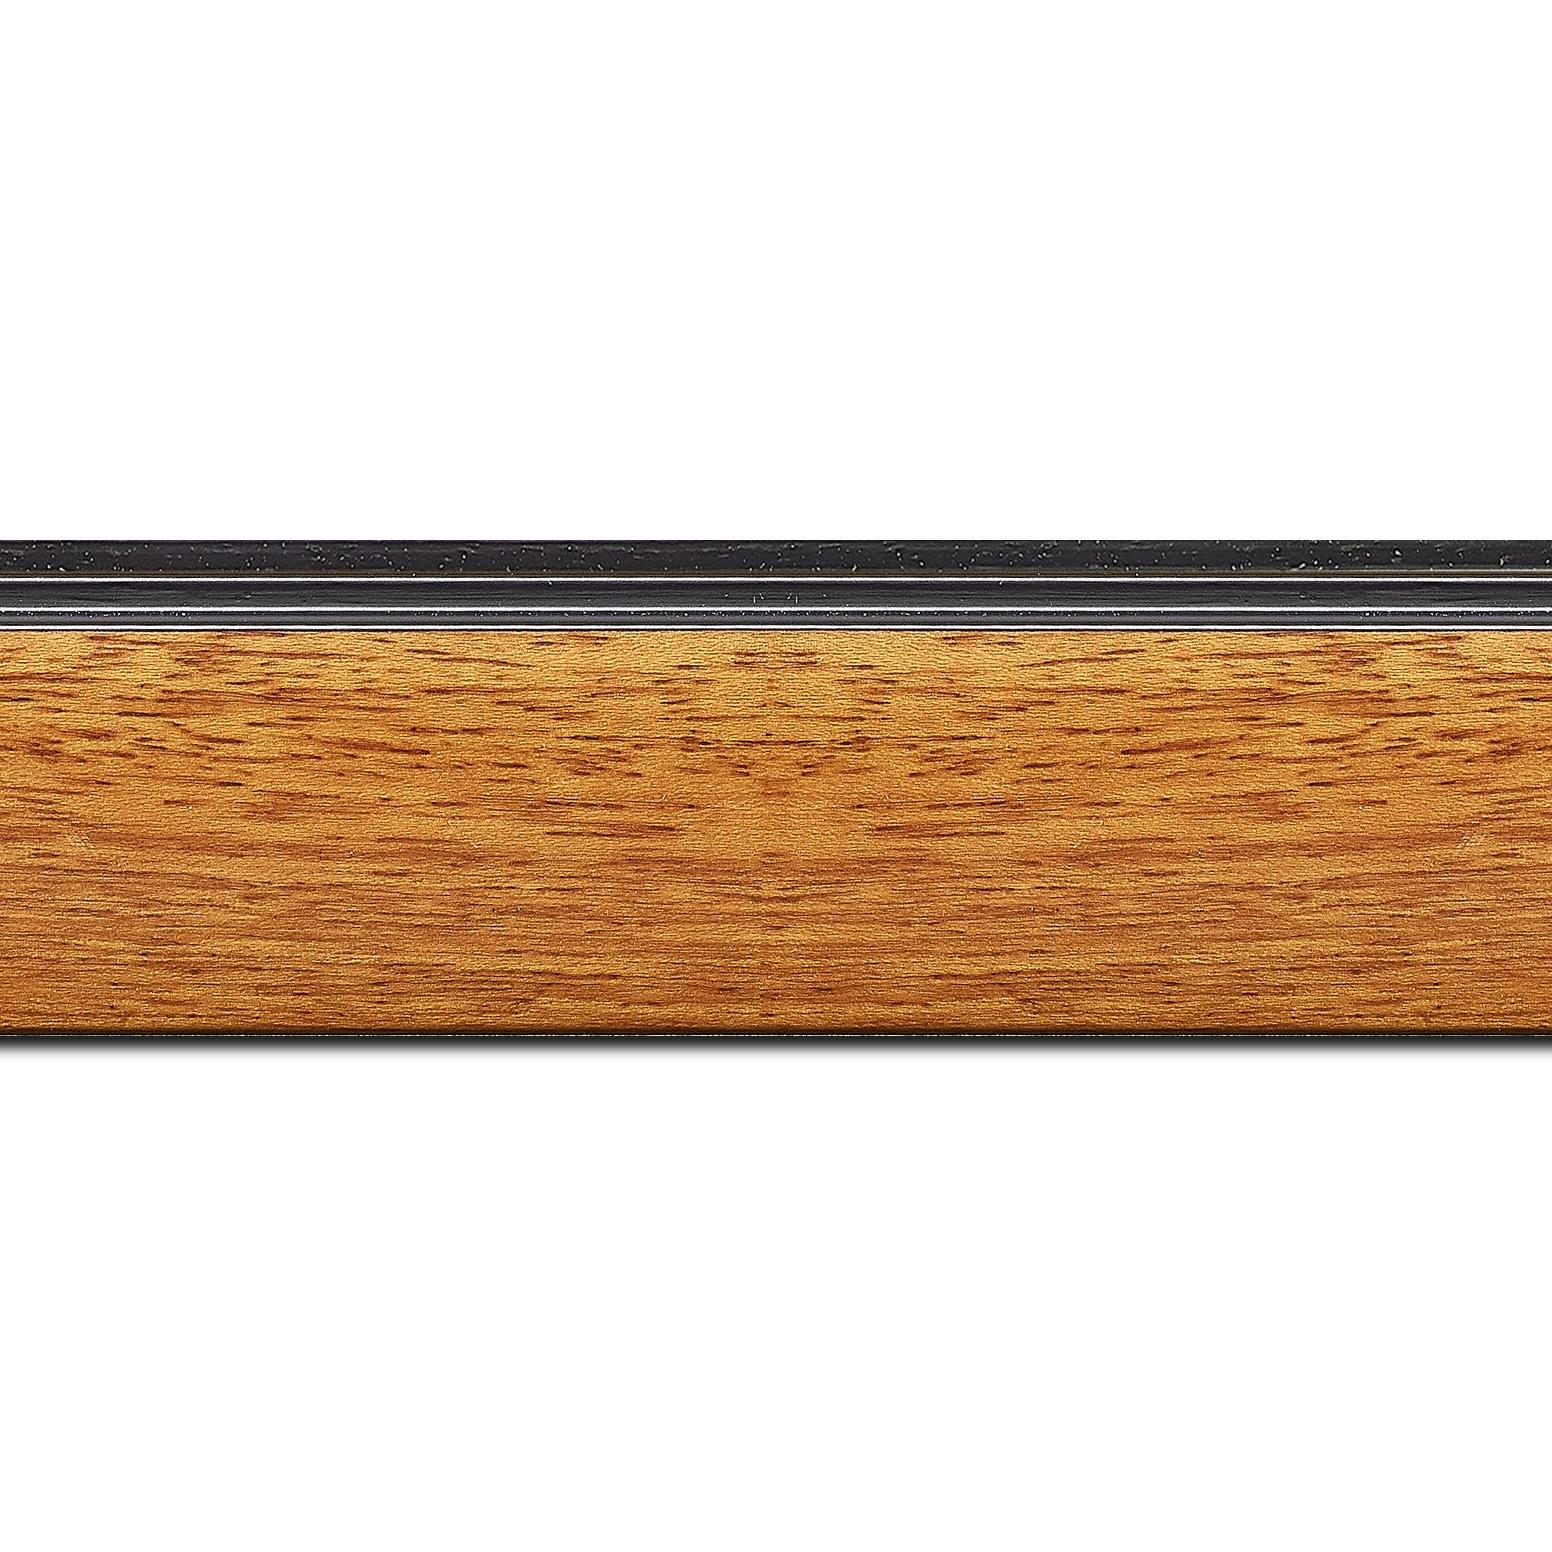 Baguette longueur 1.40m bois profil en pente méplat largeur 4.8cm couleur merisier satiné surligné par une gorge extérieure noire : originalité et élégance assurée